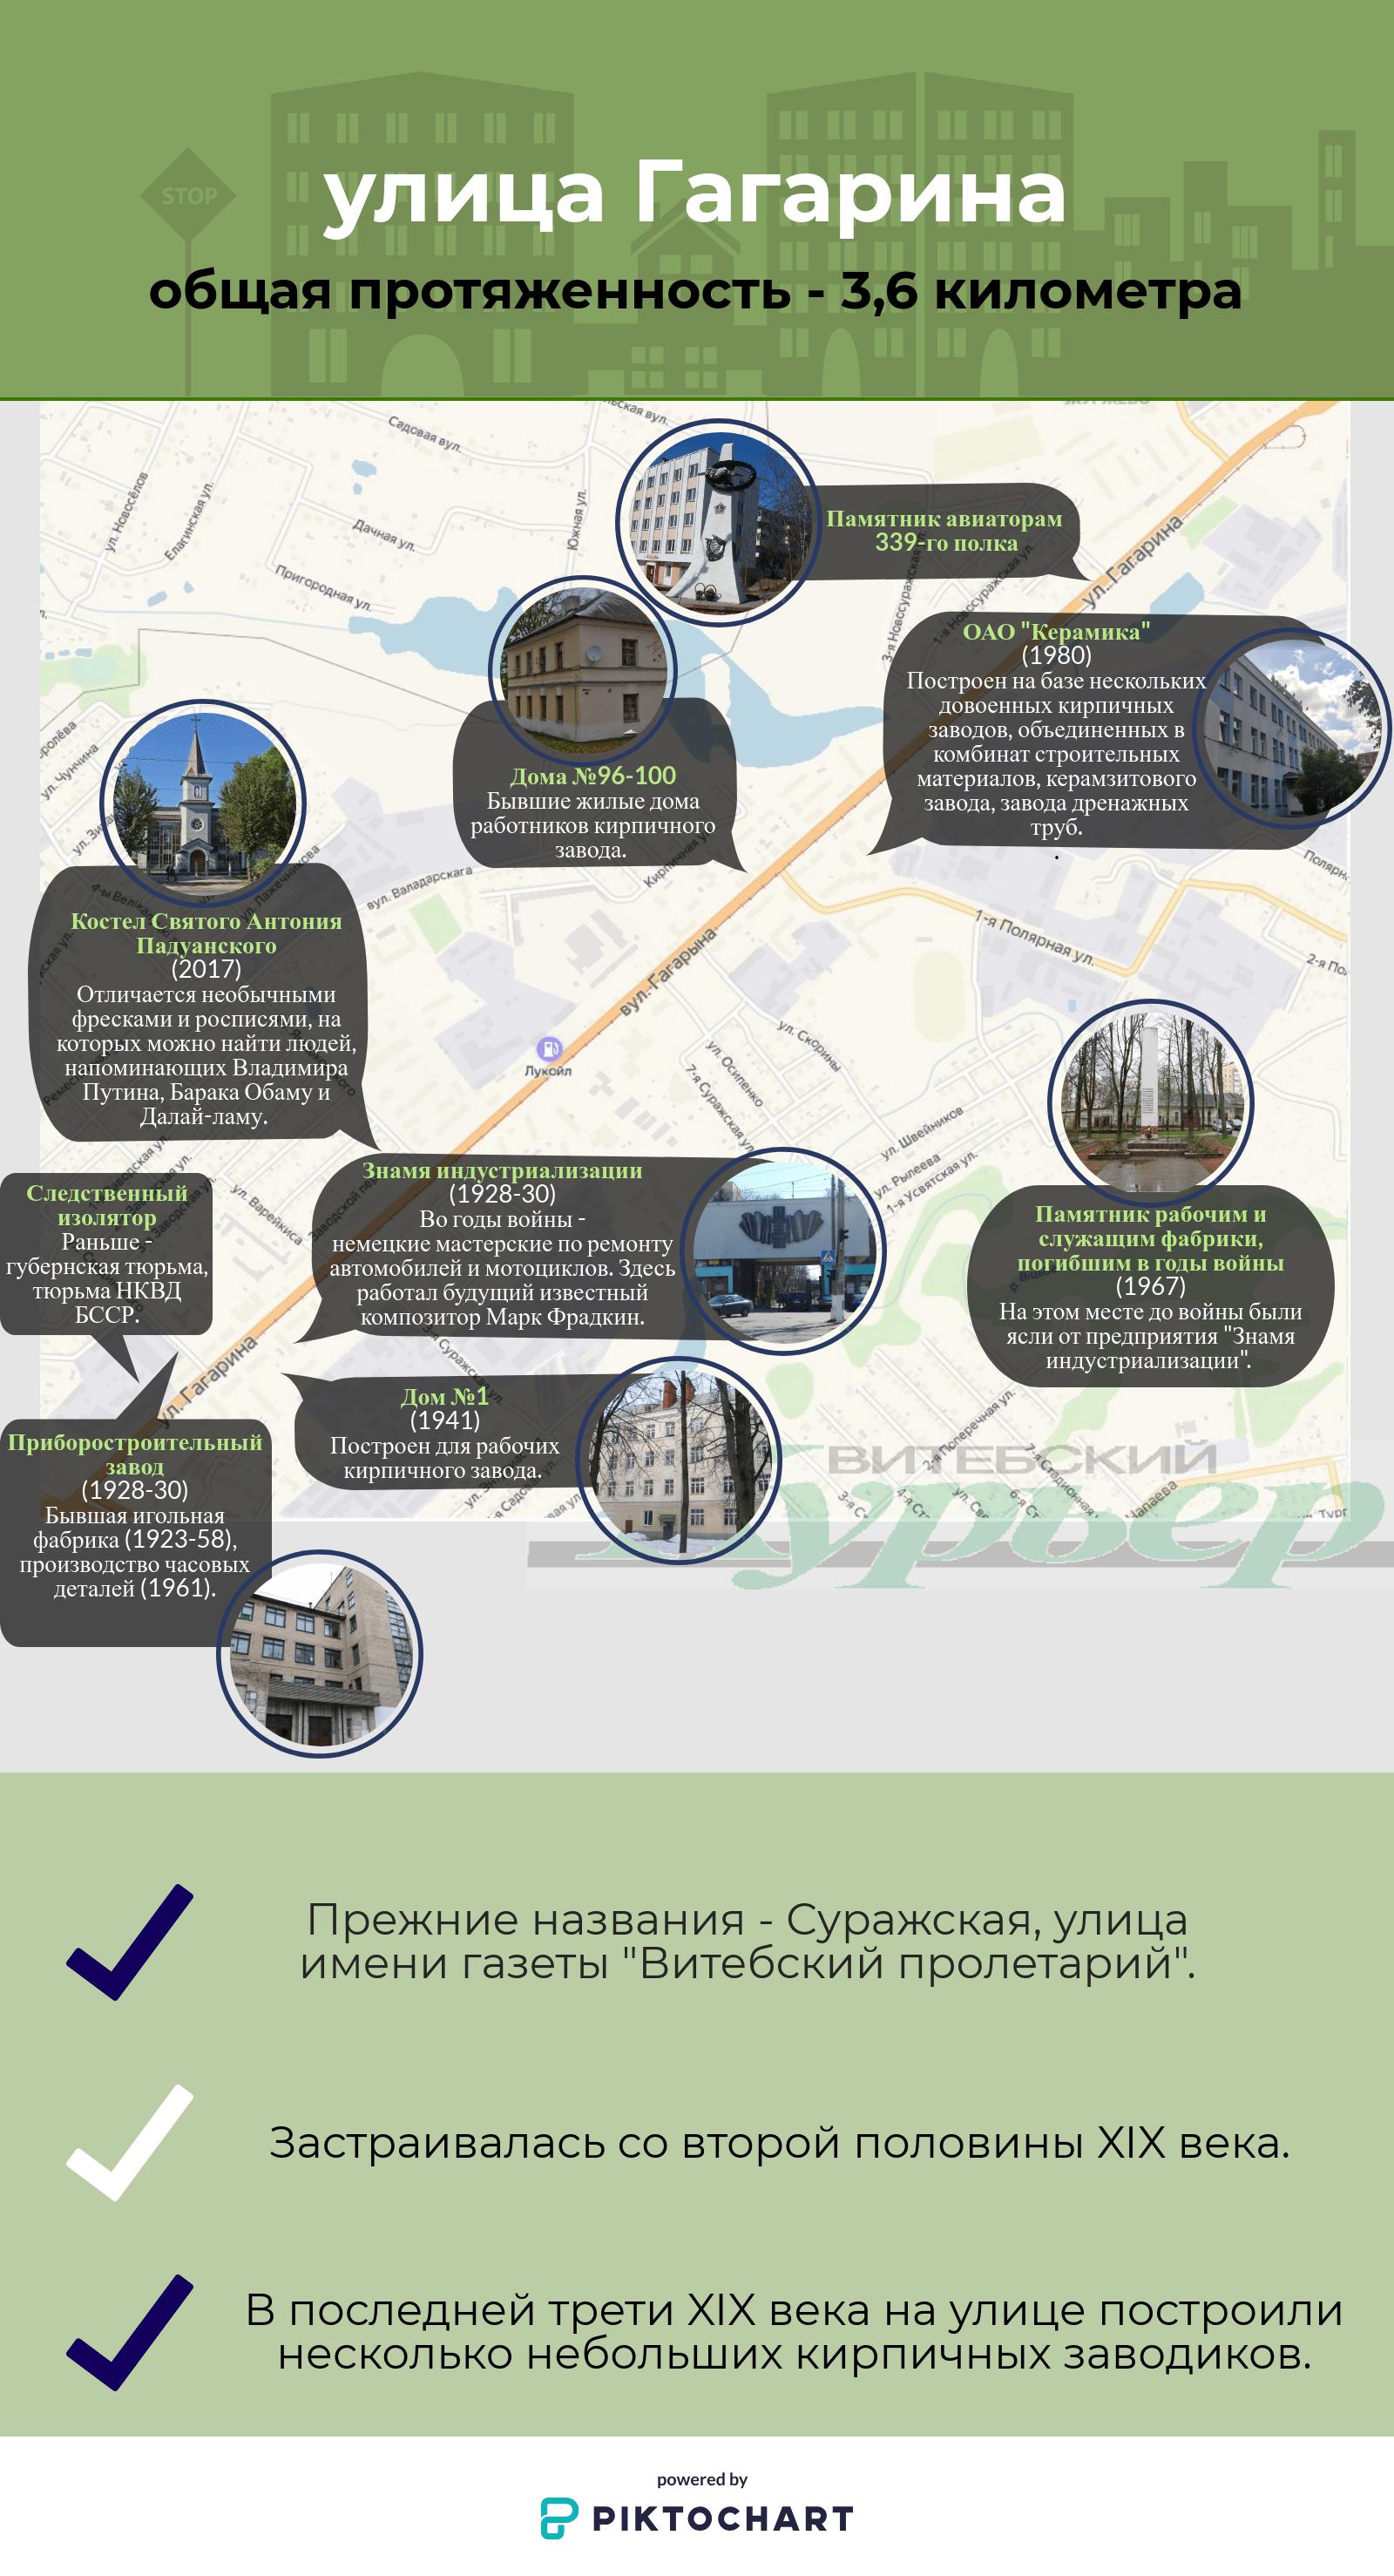 Карта путеводитель по улице гагарина